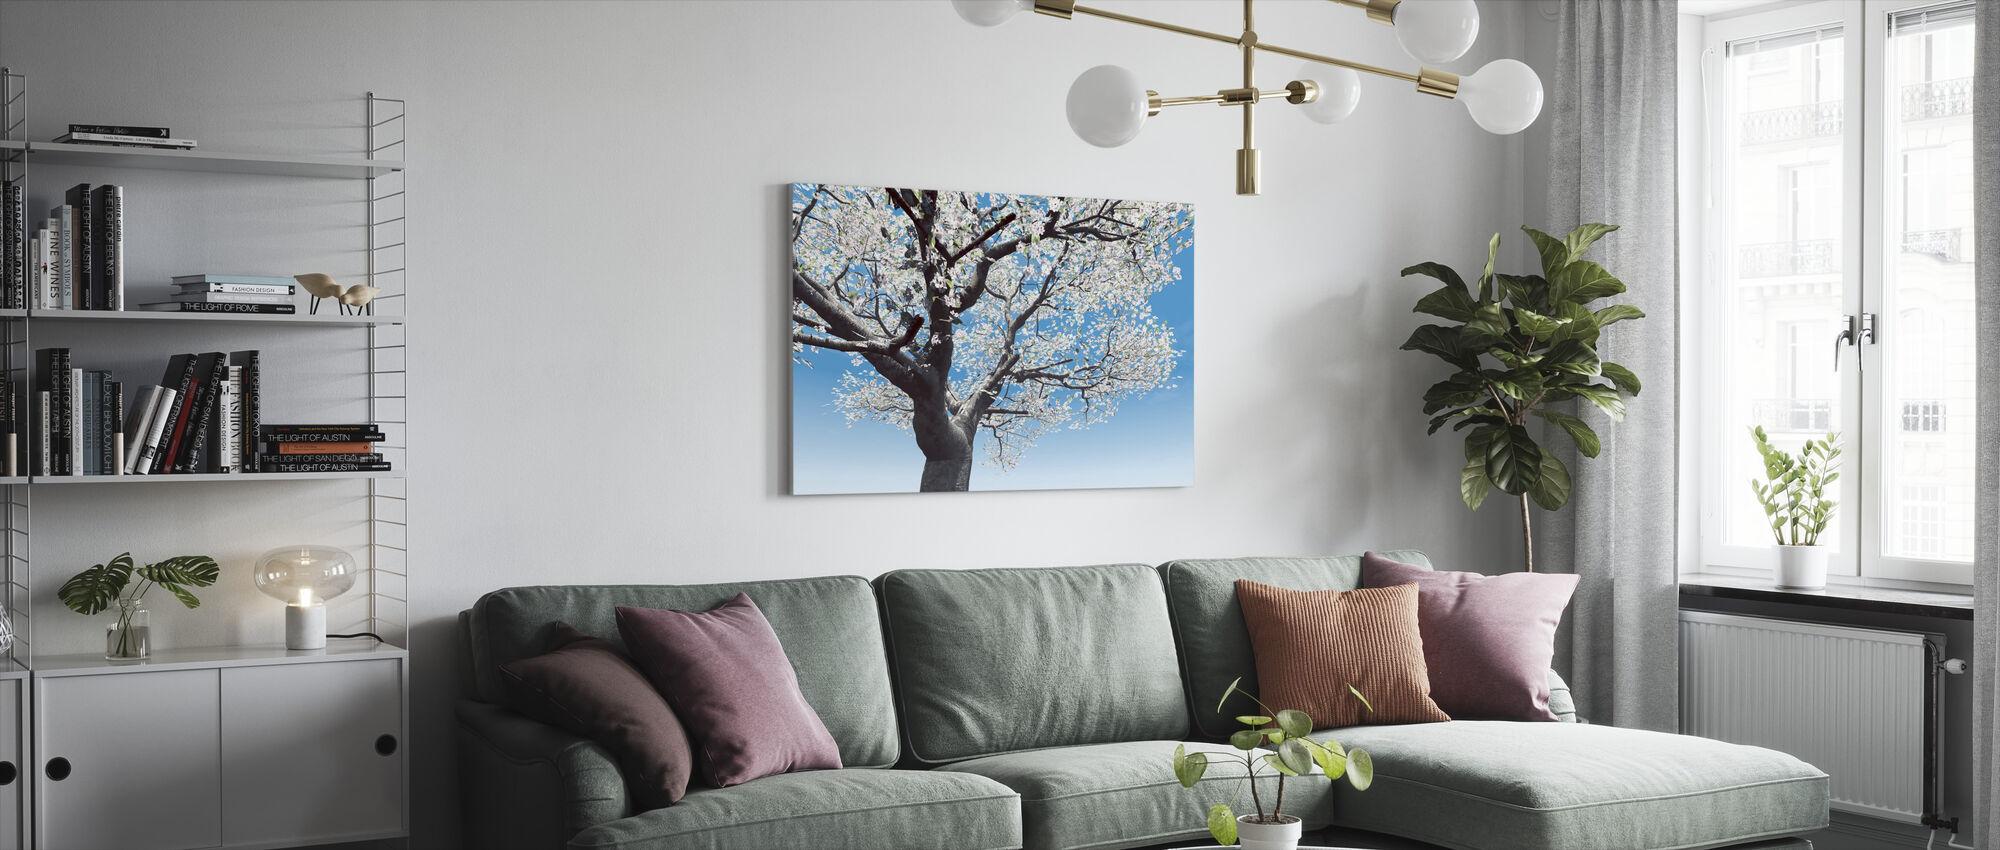 Blommande körsbärsträd - Canvastavla - Vardagsrum